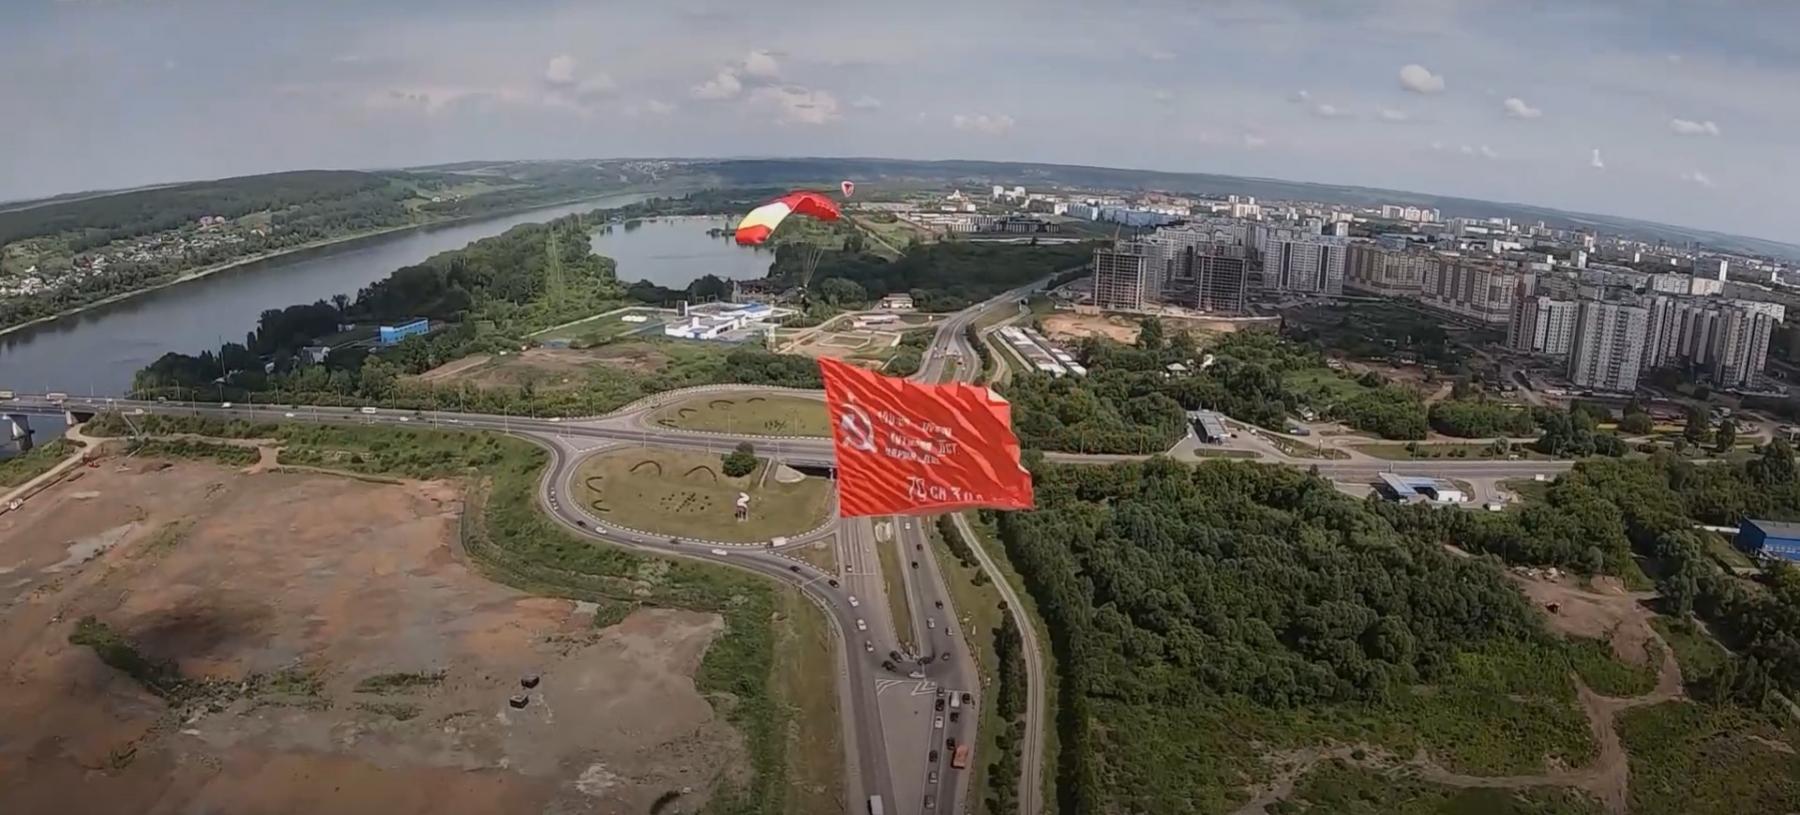 фото В Кемерово установили рекорд России, выстроив 300 автомобилей в число 75 к параду Победы 5